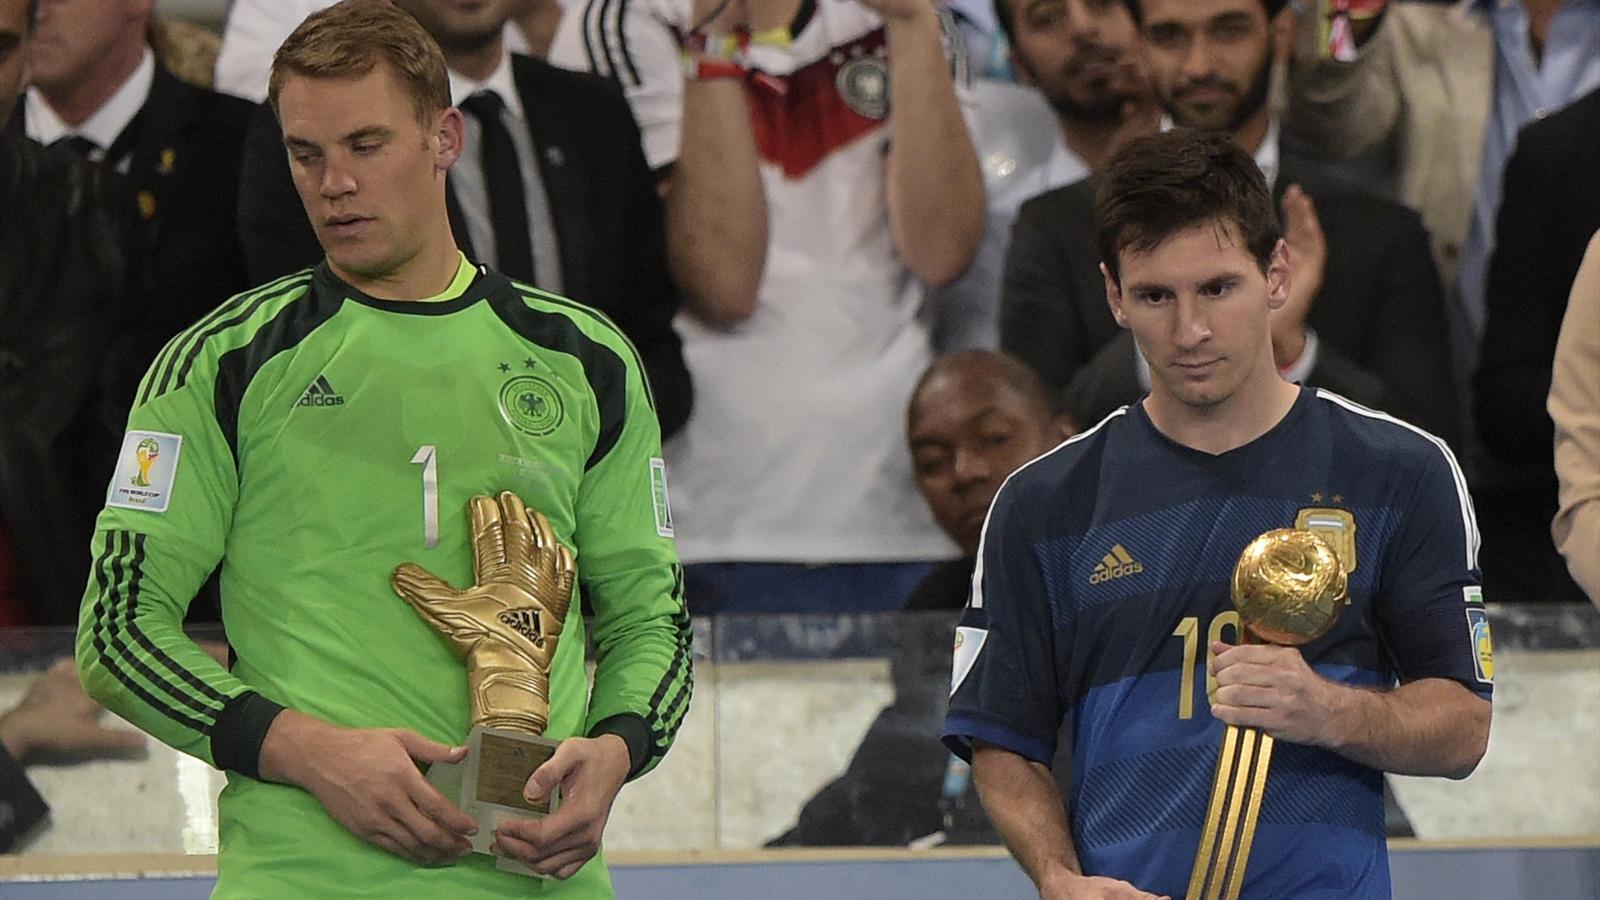 Lionel messi argentine meilleur joueur de la coupe du monde 2014 comment est ce possible - Resultats coupe du monde classement ...